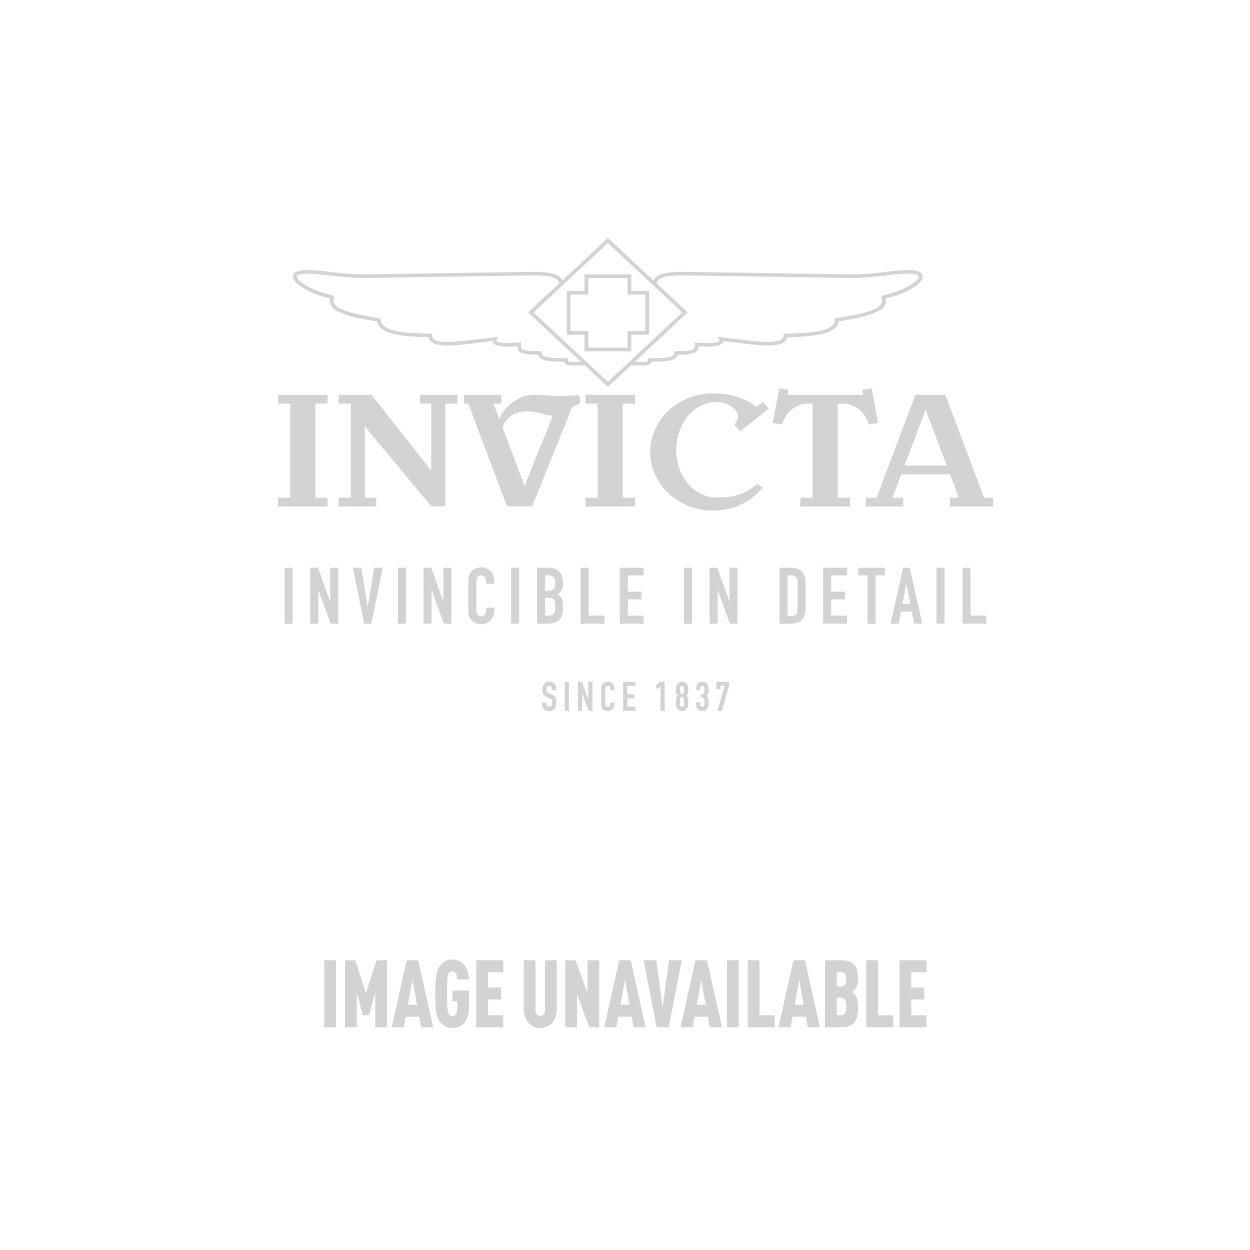 Invicta Model 26917